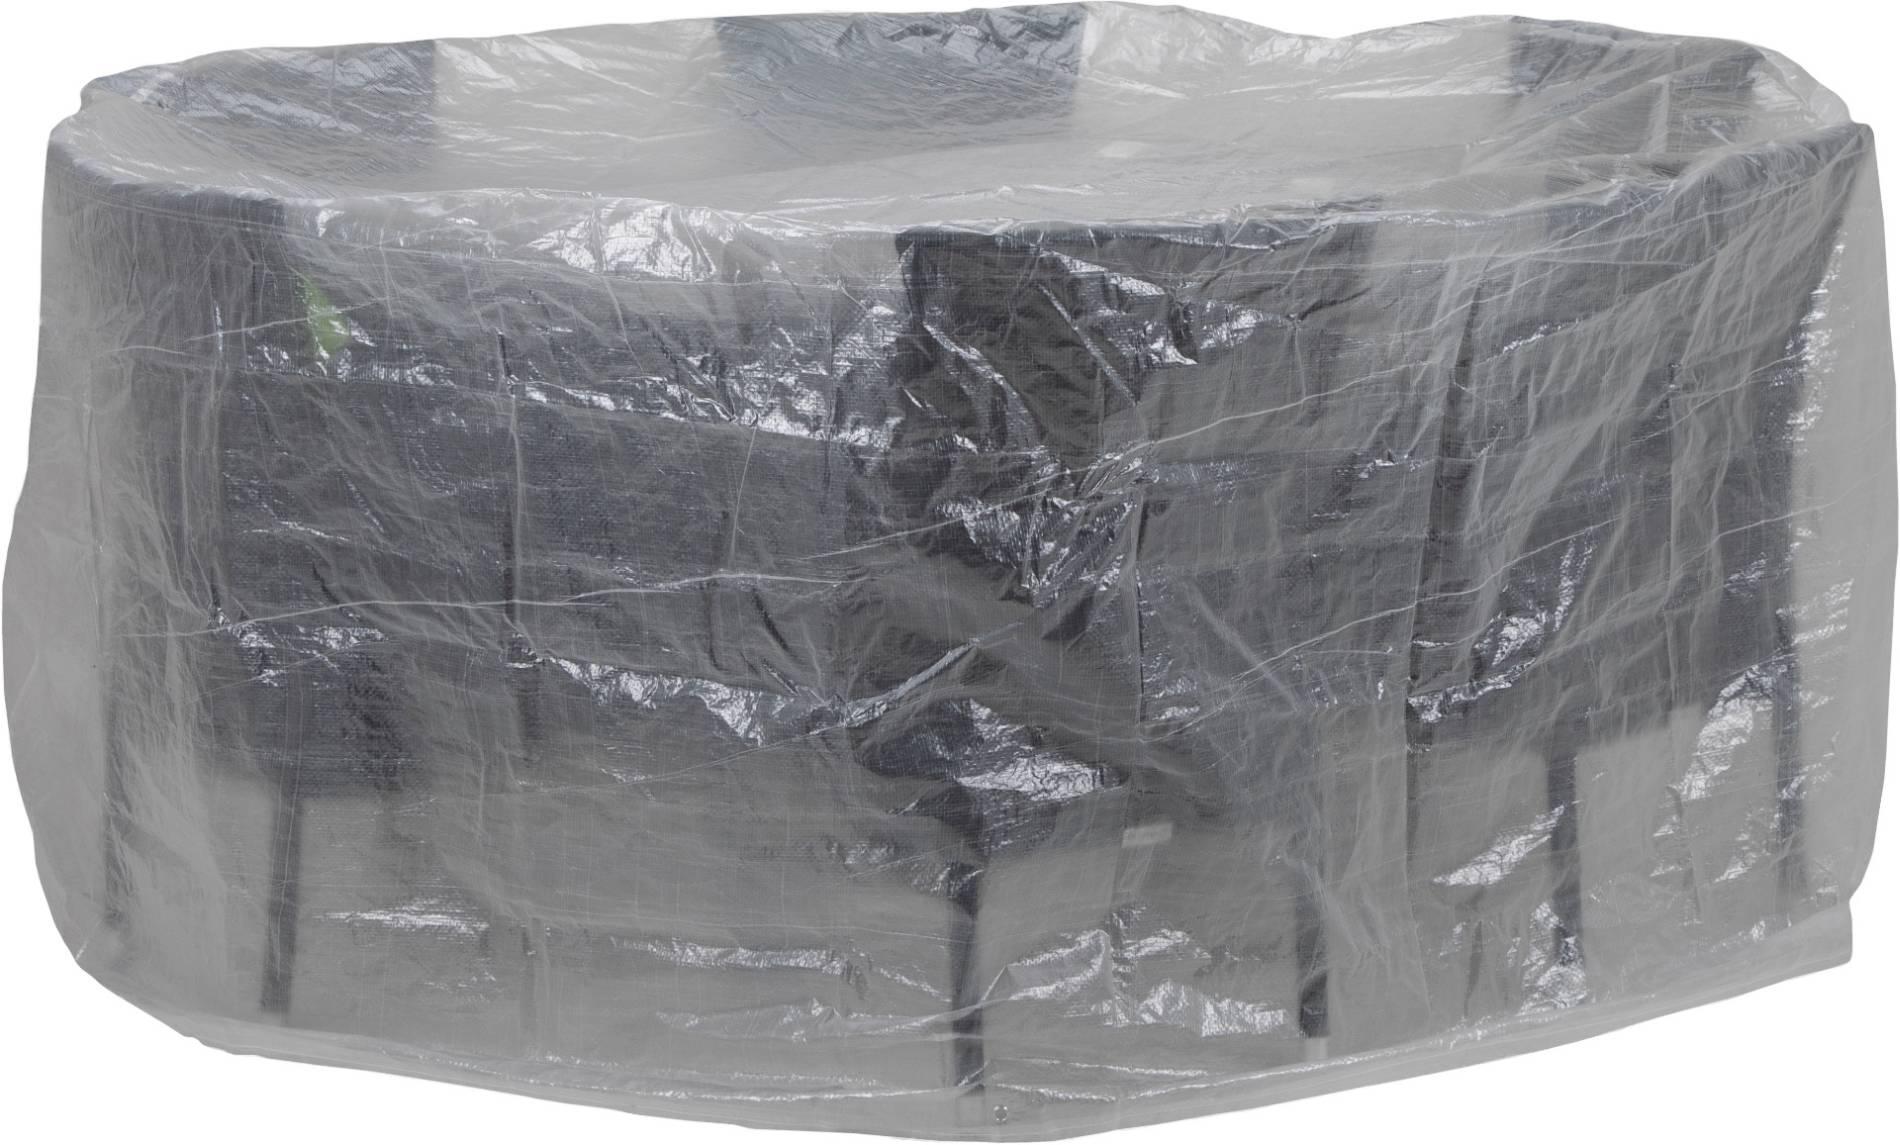 Schutzhülle für Sitzgruppen bis 200 cm rund von beo